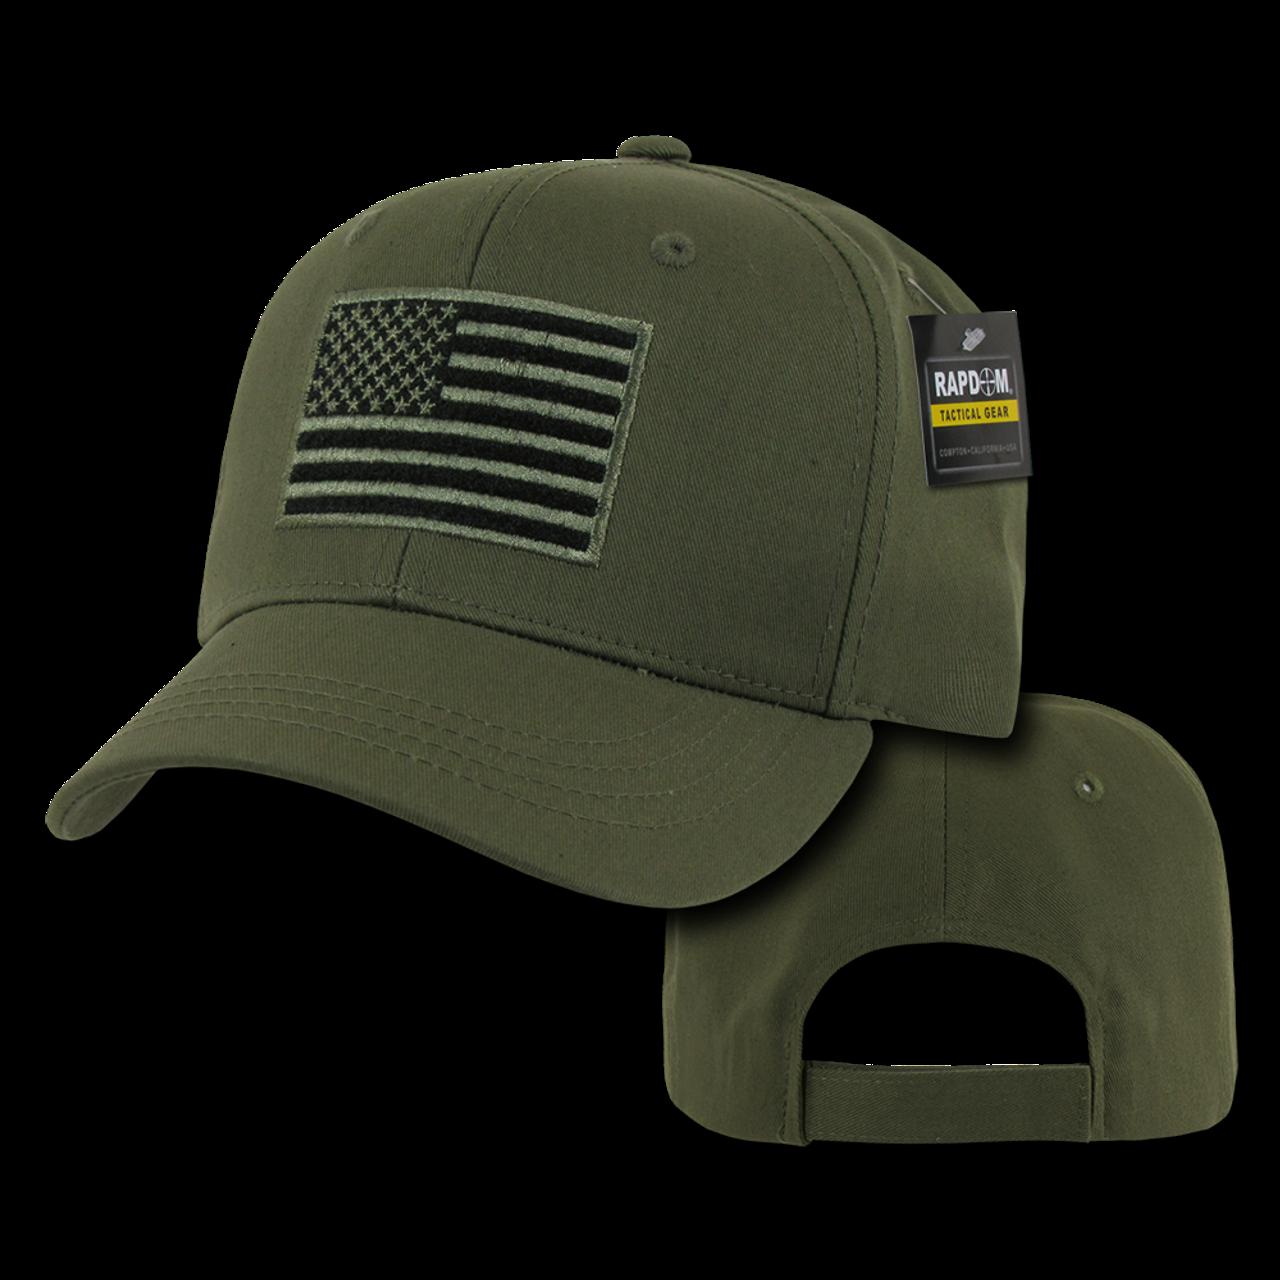 T76 - Tactical Operator Cap - American Flag Subdued - Olive Drab -  USMILITARYHATS.COM 26958a2a2fc